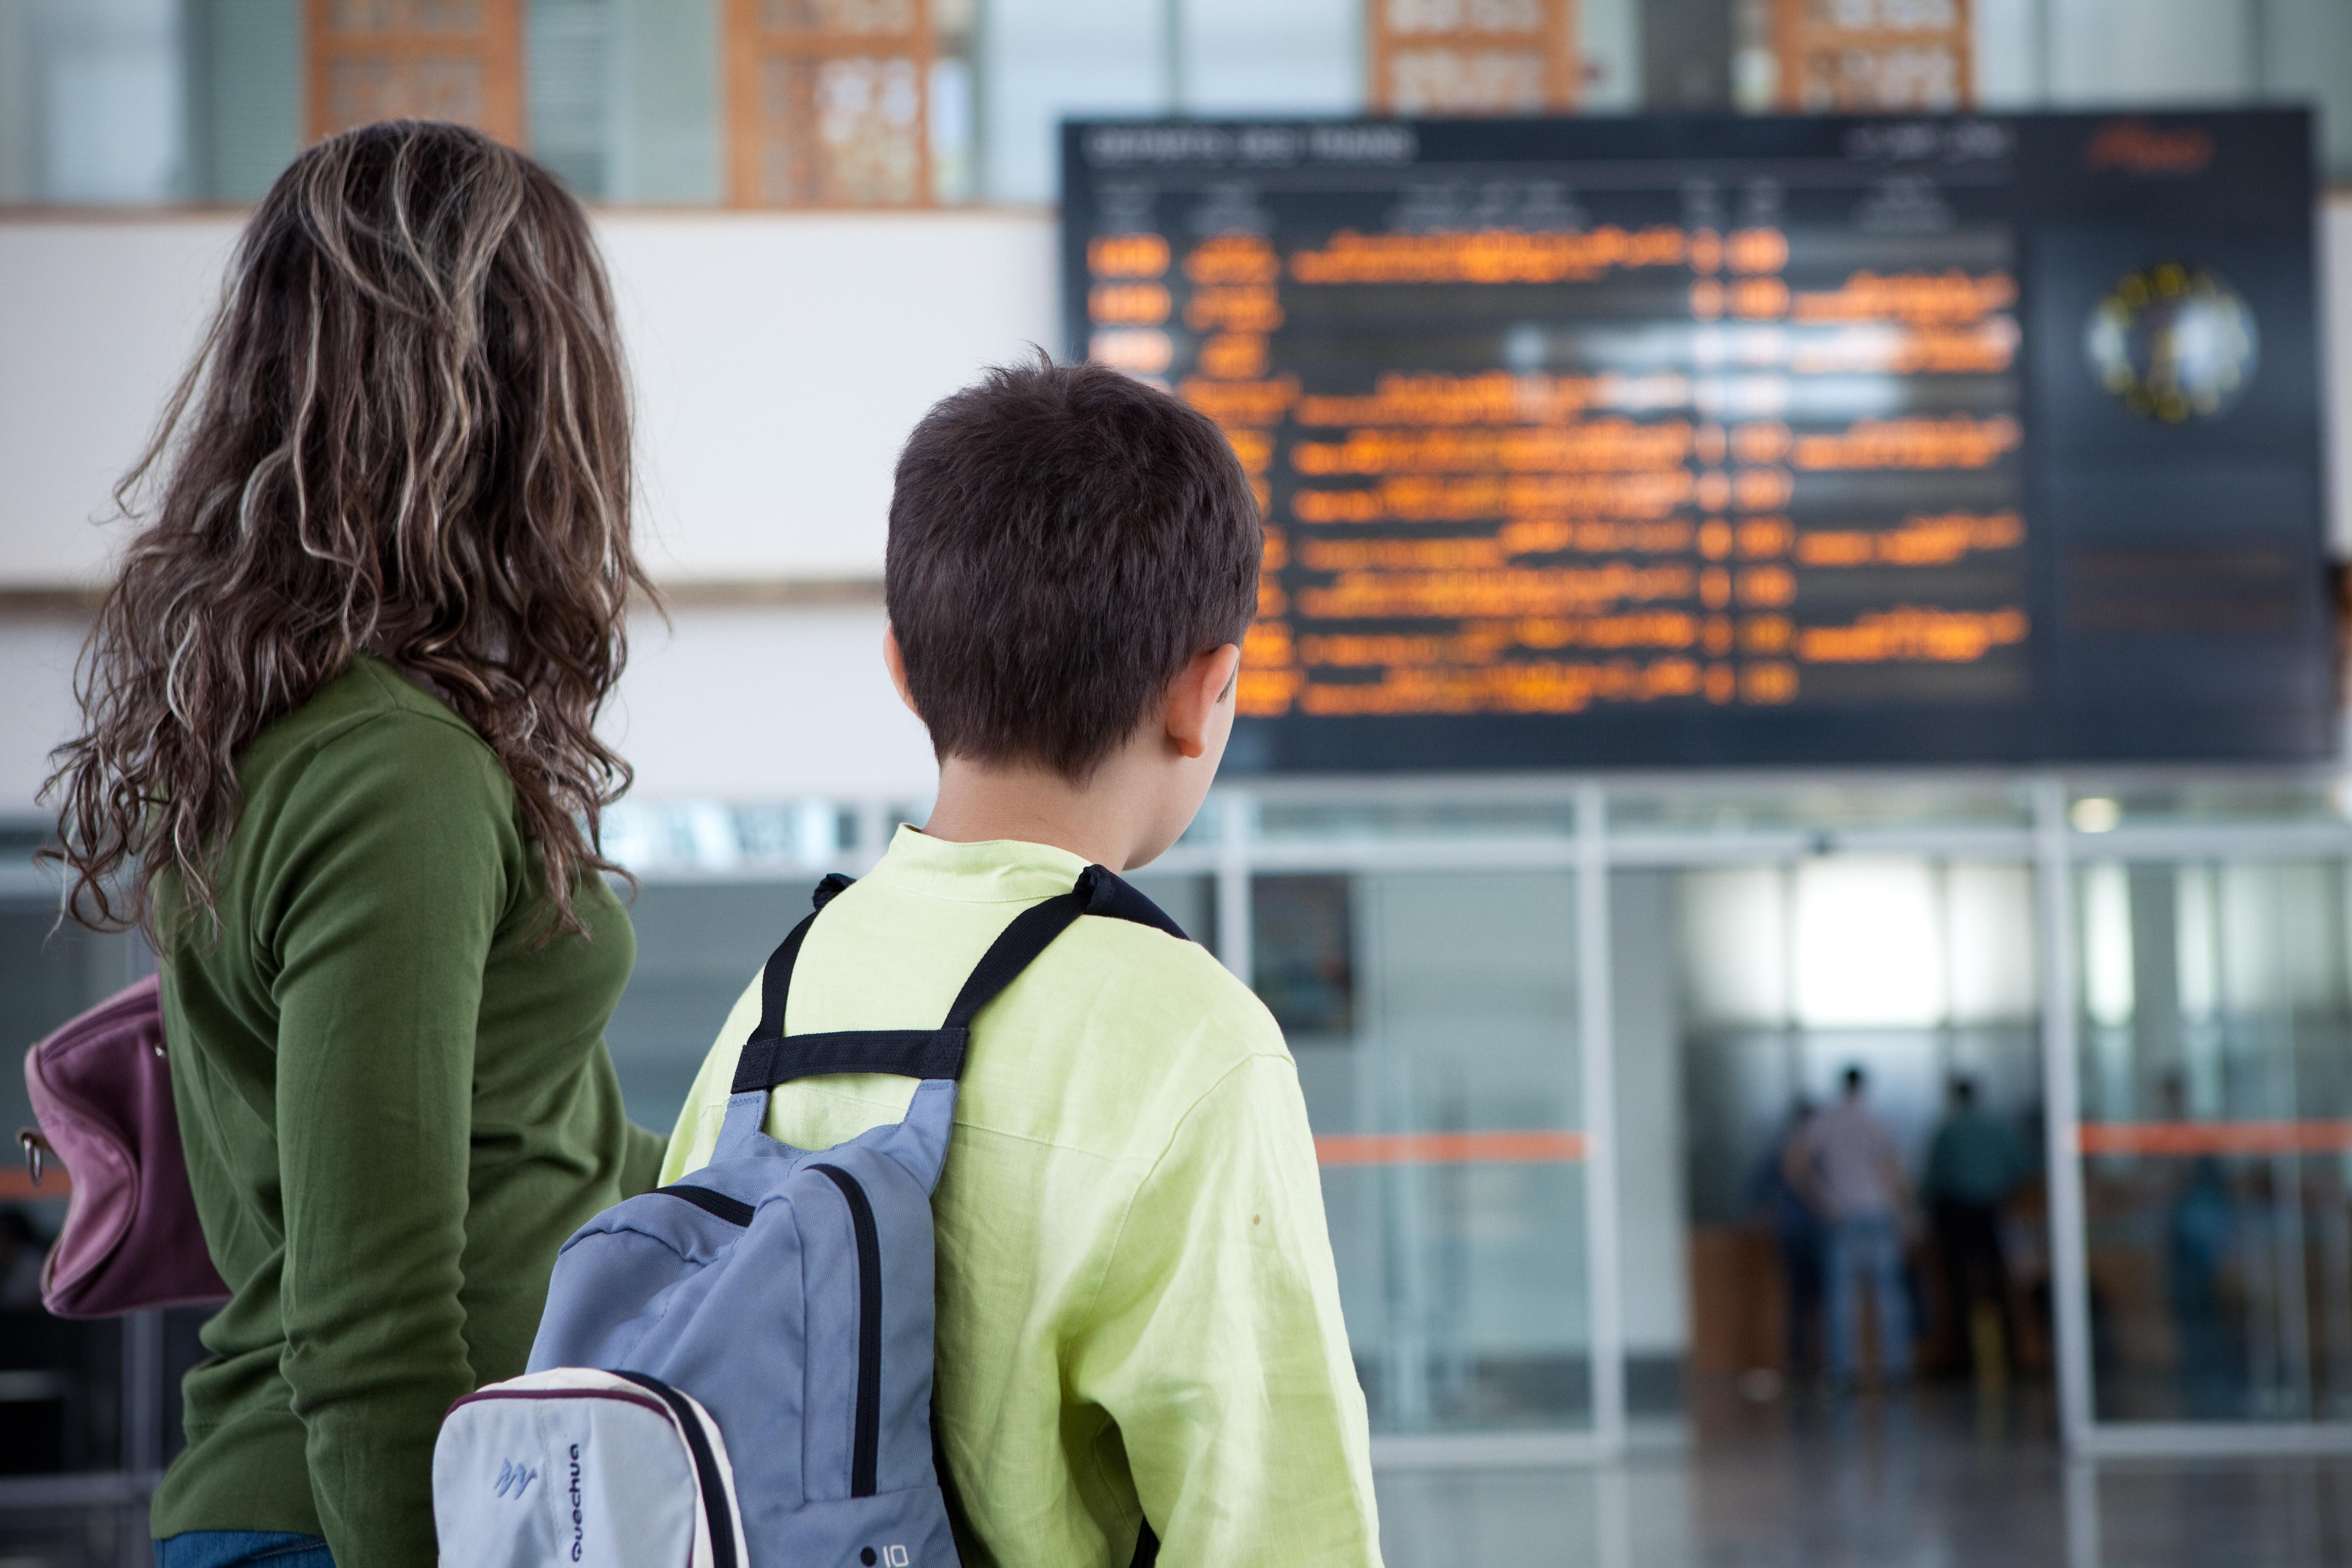 سابقة. قطارات المملكة تنقل مليون مسافر بمقاعد مُرقمة لأول مرة بدون إزدحام